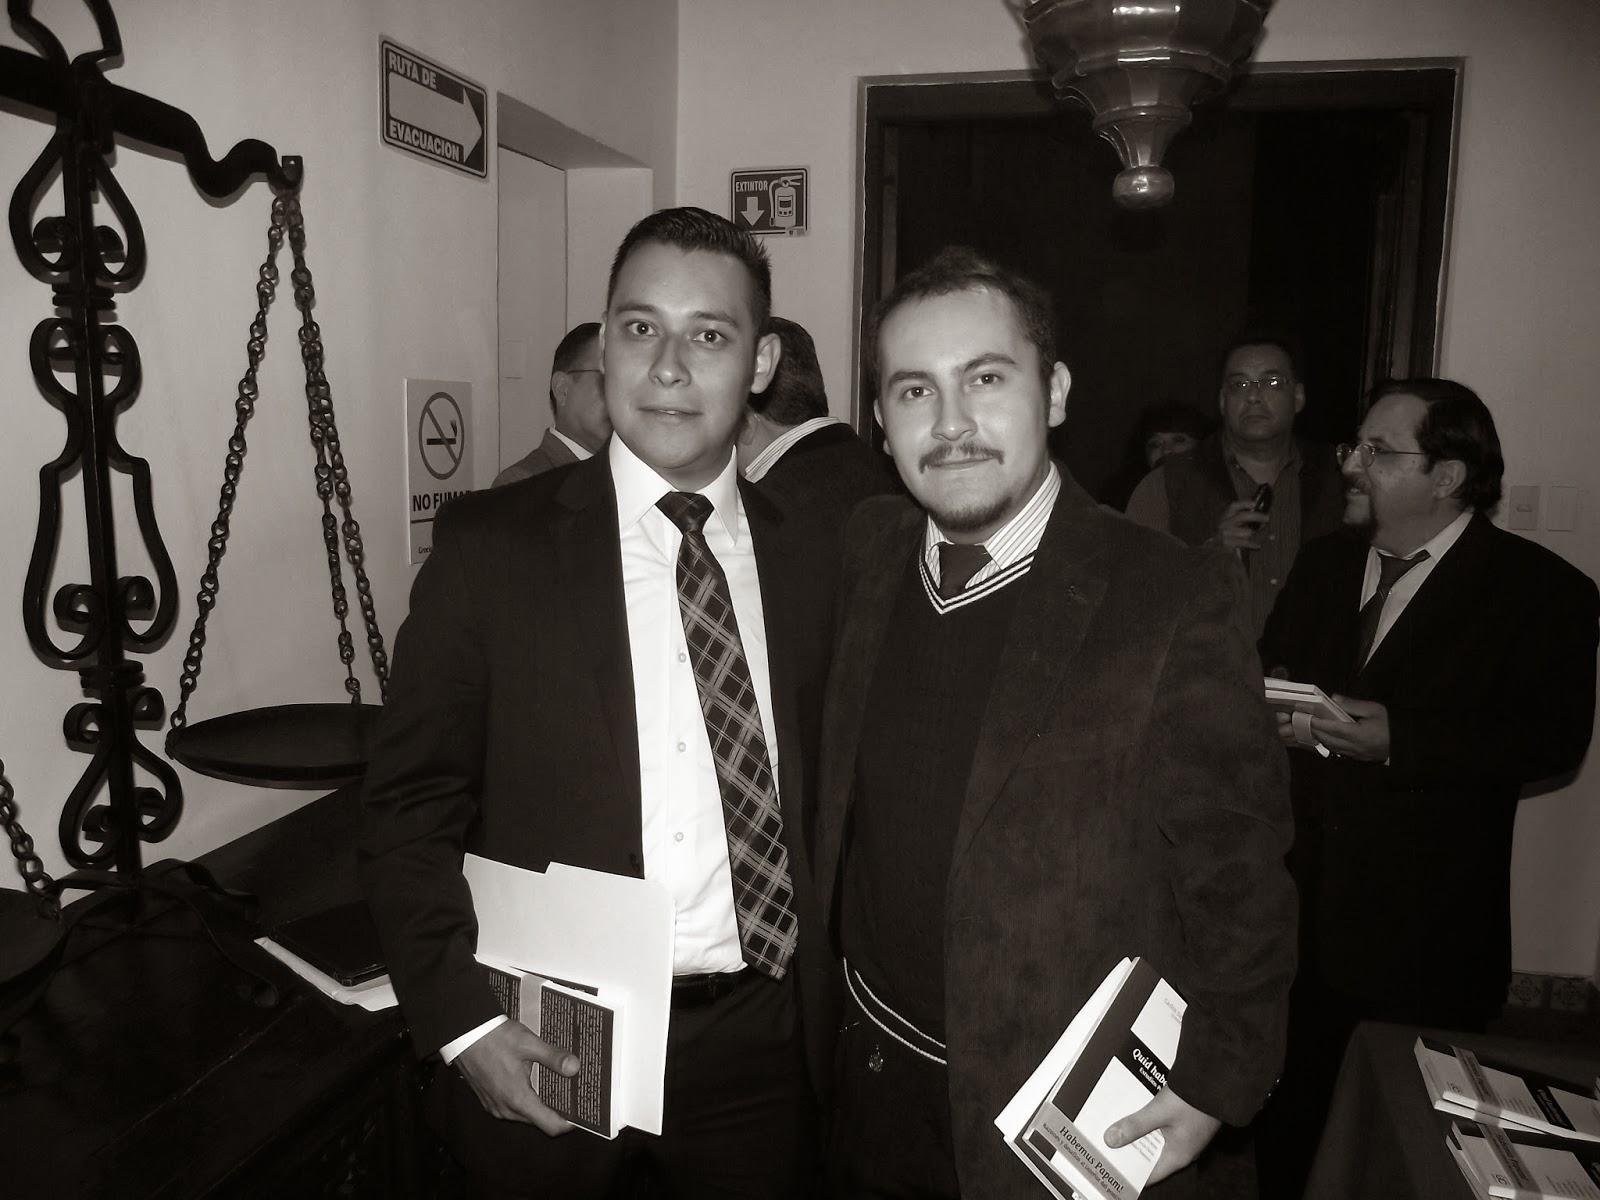 Antonio Briseño + Carlos Sierra Lechuga